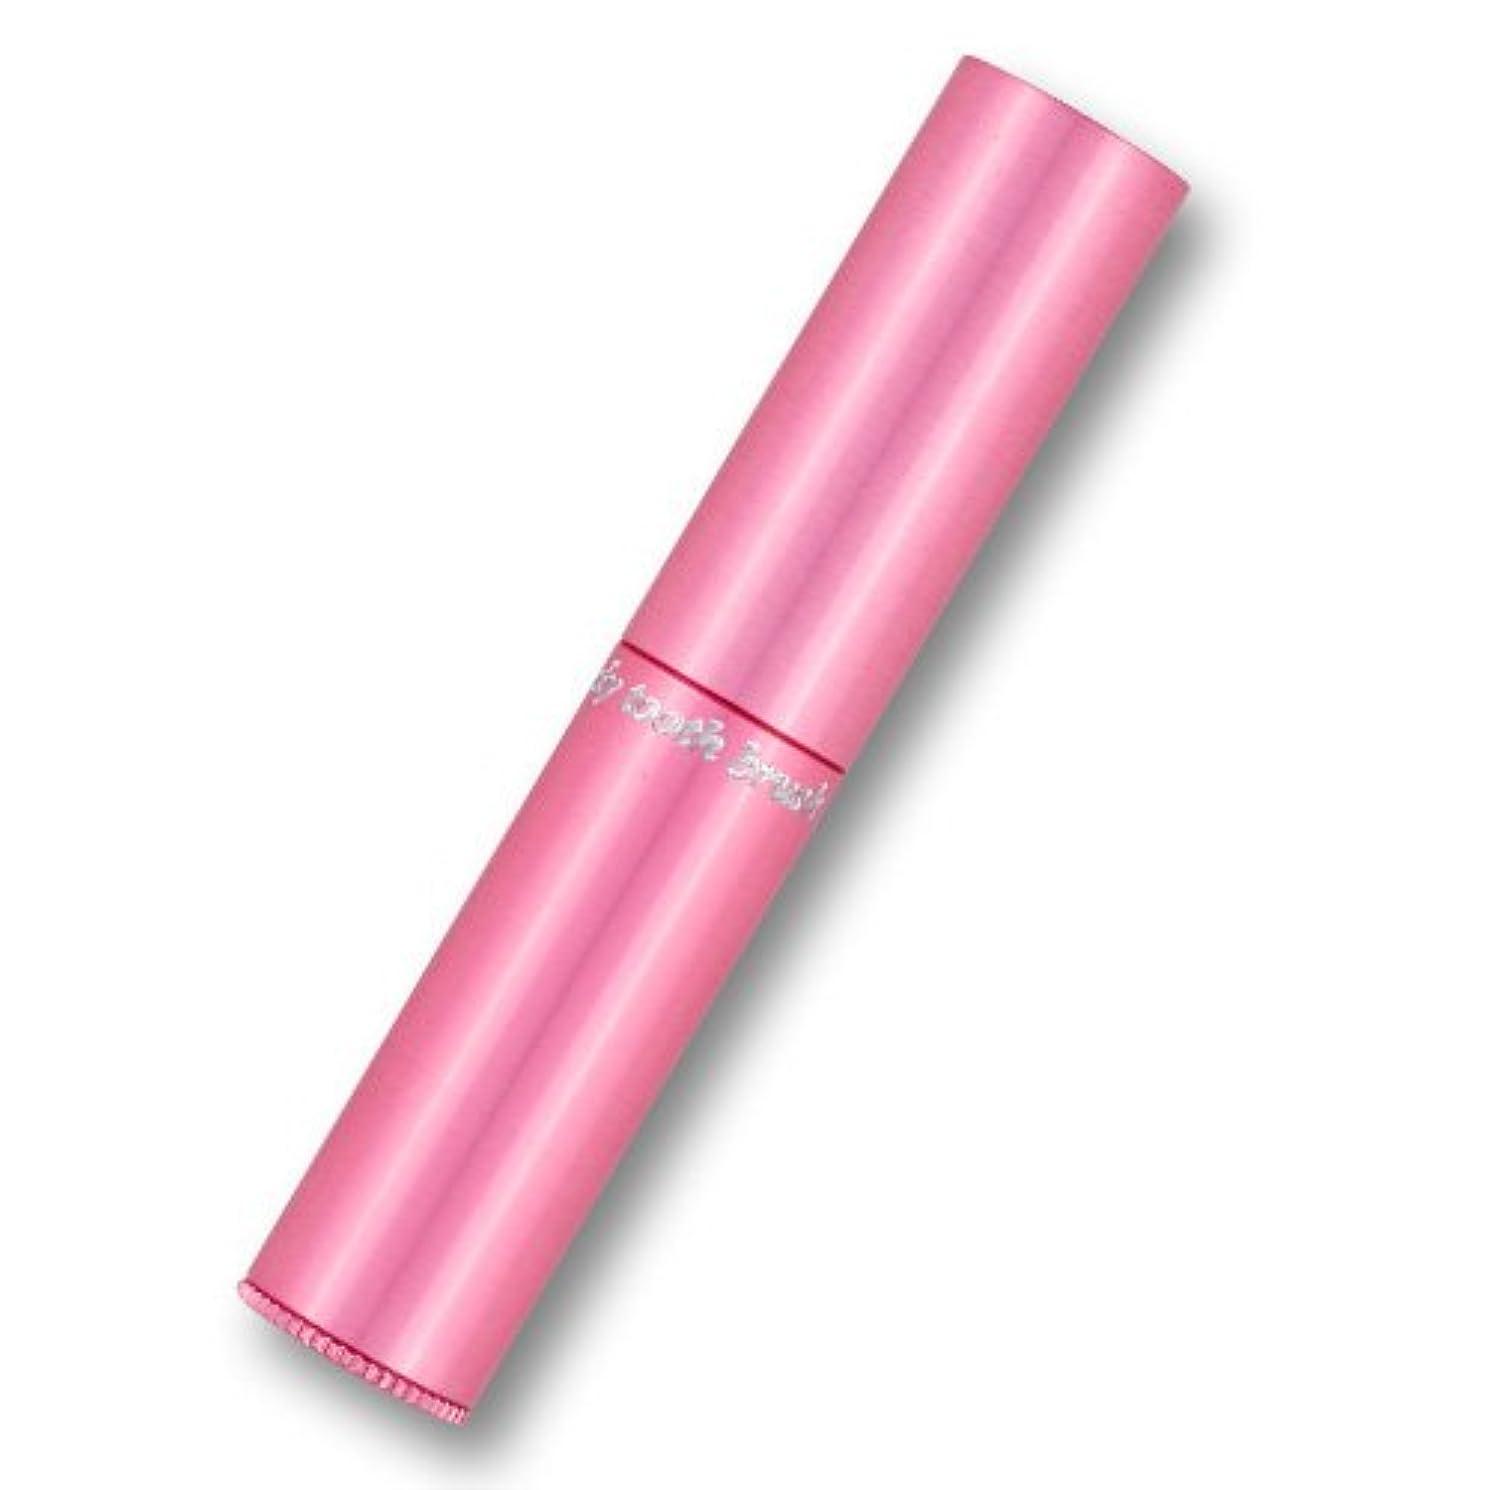 借りる熱帯の状態携帯歯ブラシ?タベタラmigaCO(ピンク)